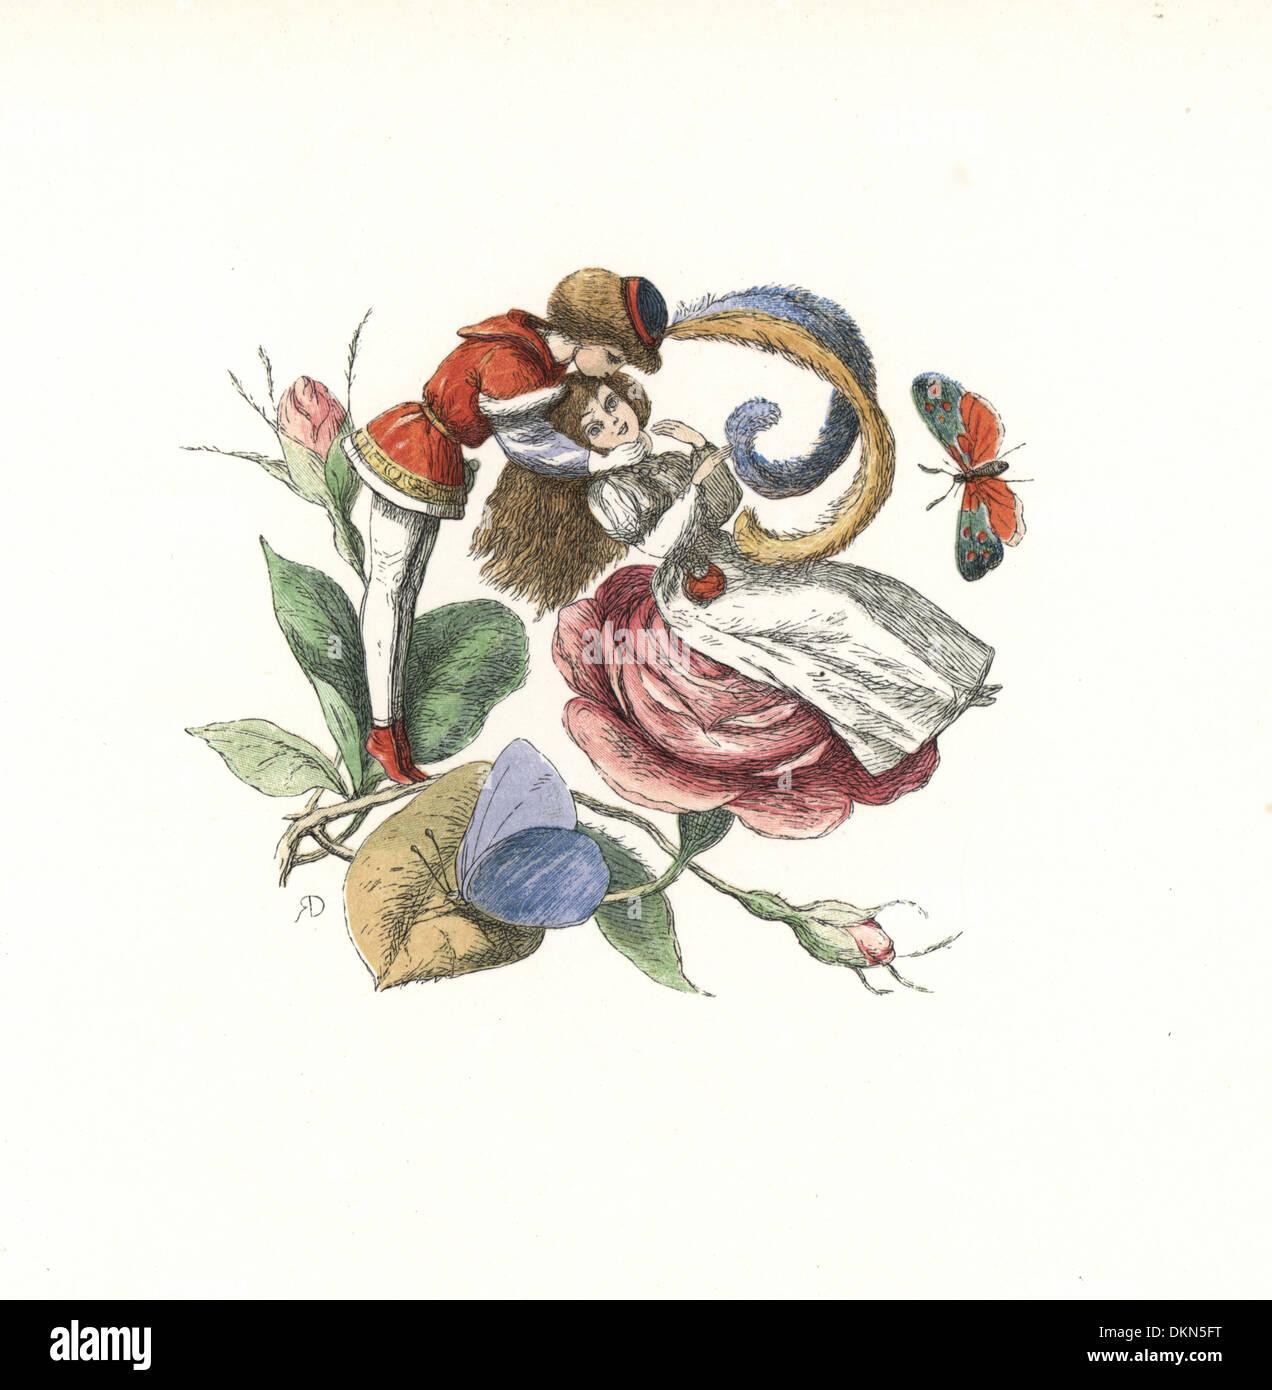 Elf flirtare con una fata su una rosa bloom. Immagini Stock